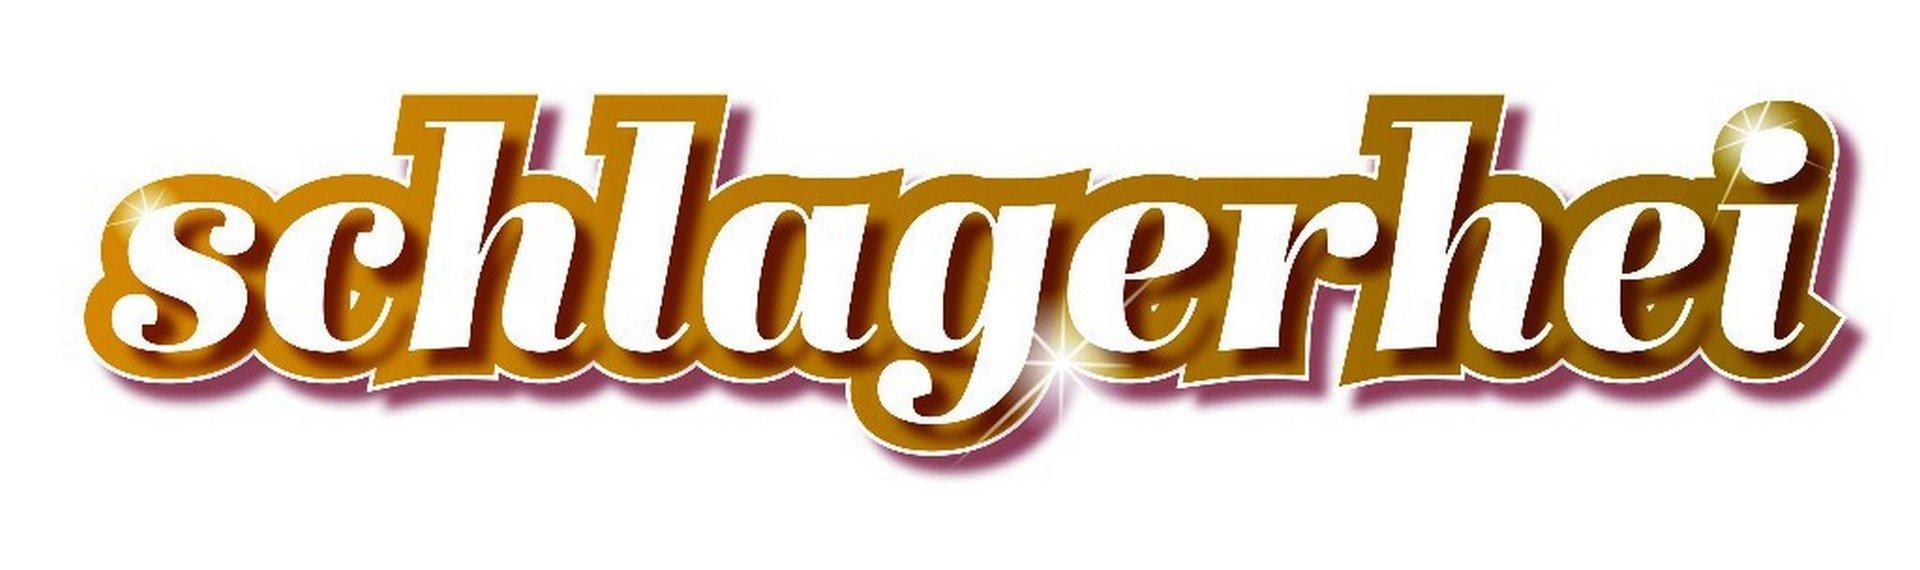 Johan Veugelers, Sasha & Davy en Lindsay staan op 3 mei op de 'Schlagerhei' - Schlagerhei 1